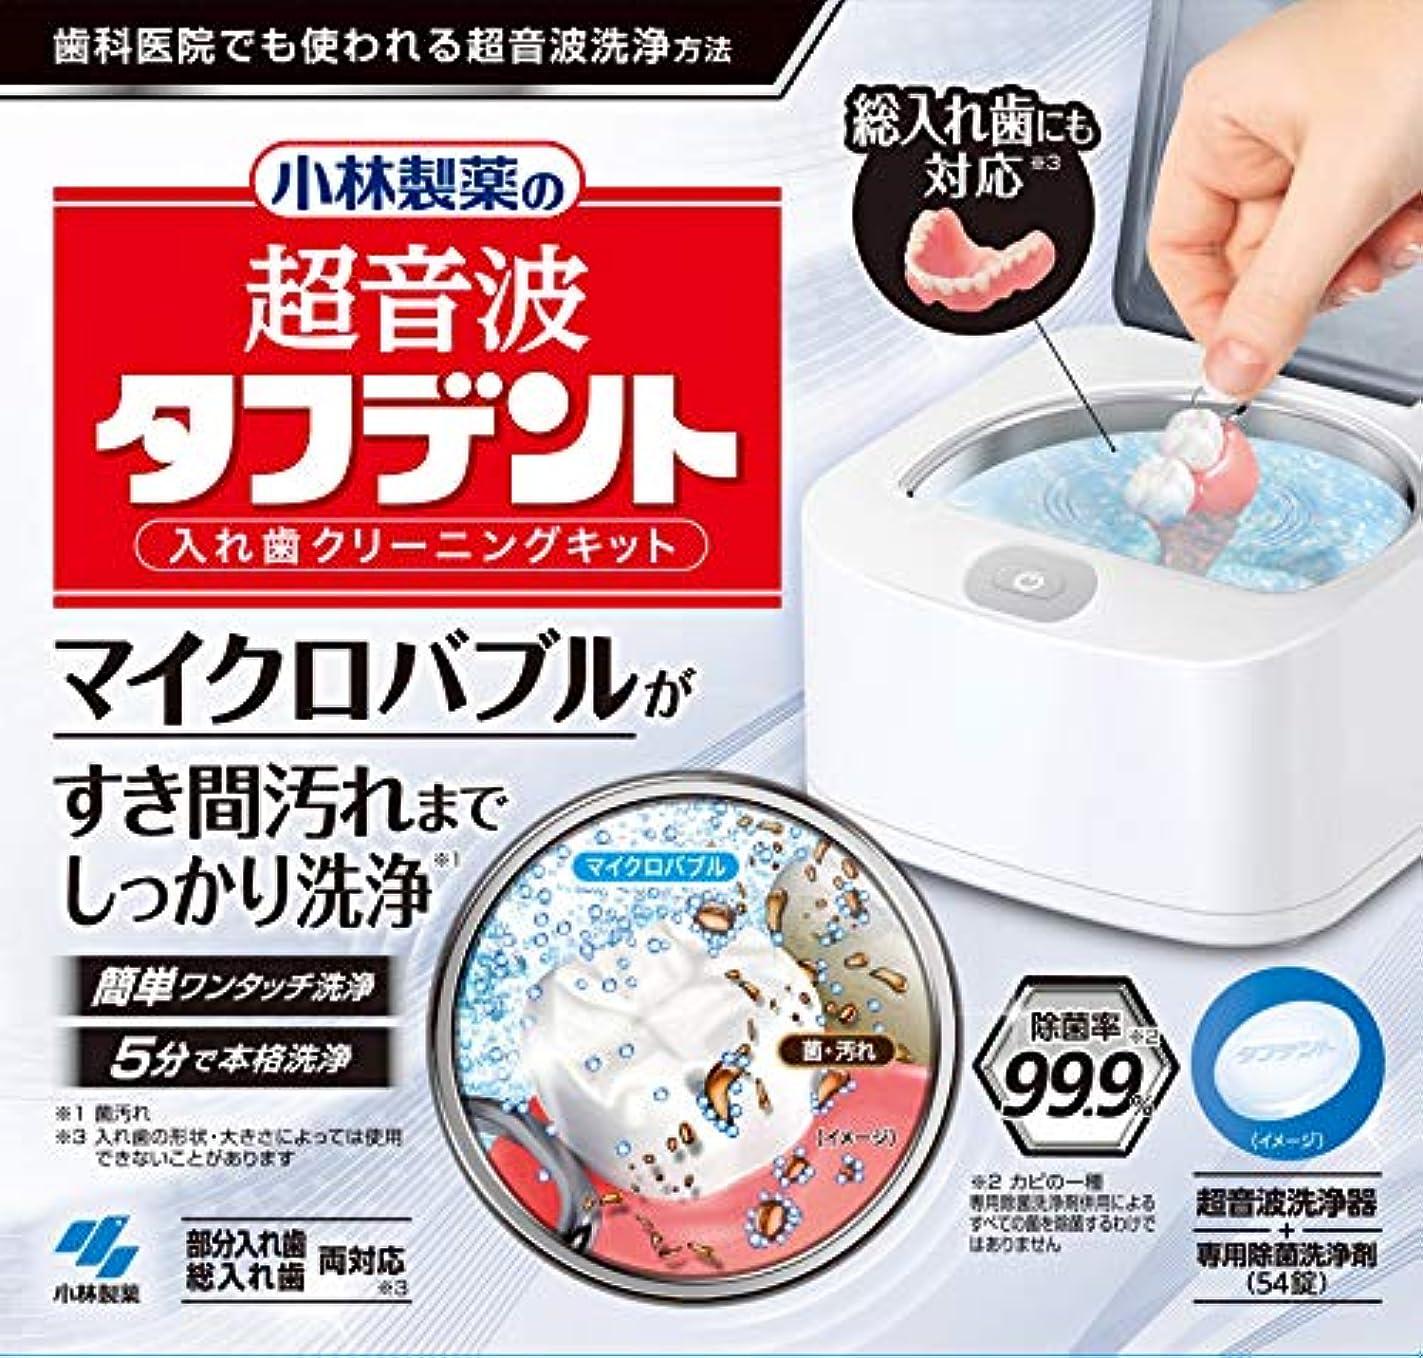 舗装ローストファントム小林製薬 義歯洗浄剤 超音波タフデント入れ歯クリーニングキット 本体